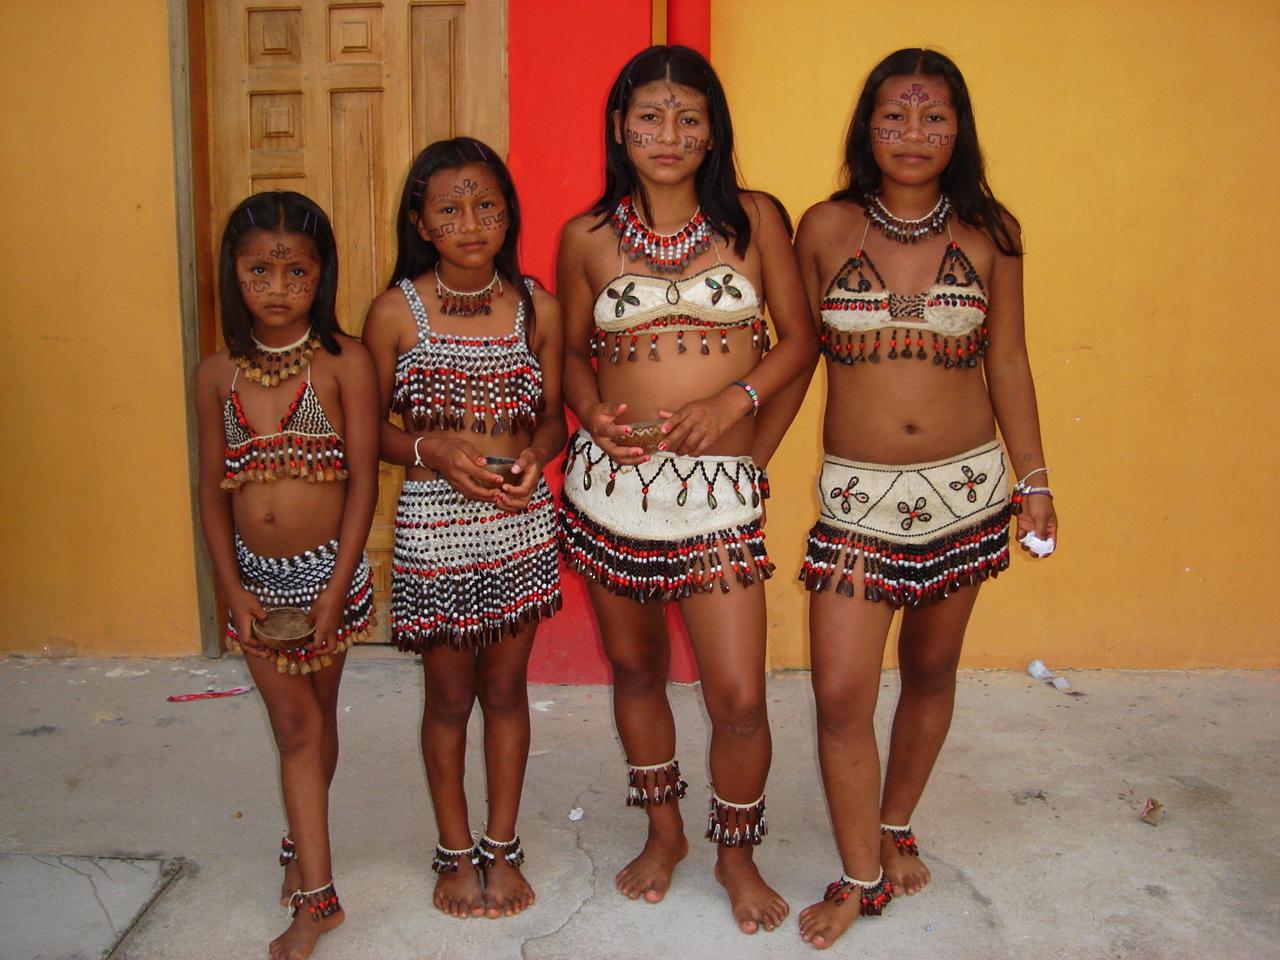 Chicas bailando en ropa interior 5